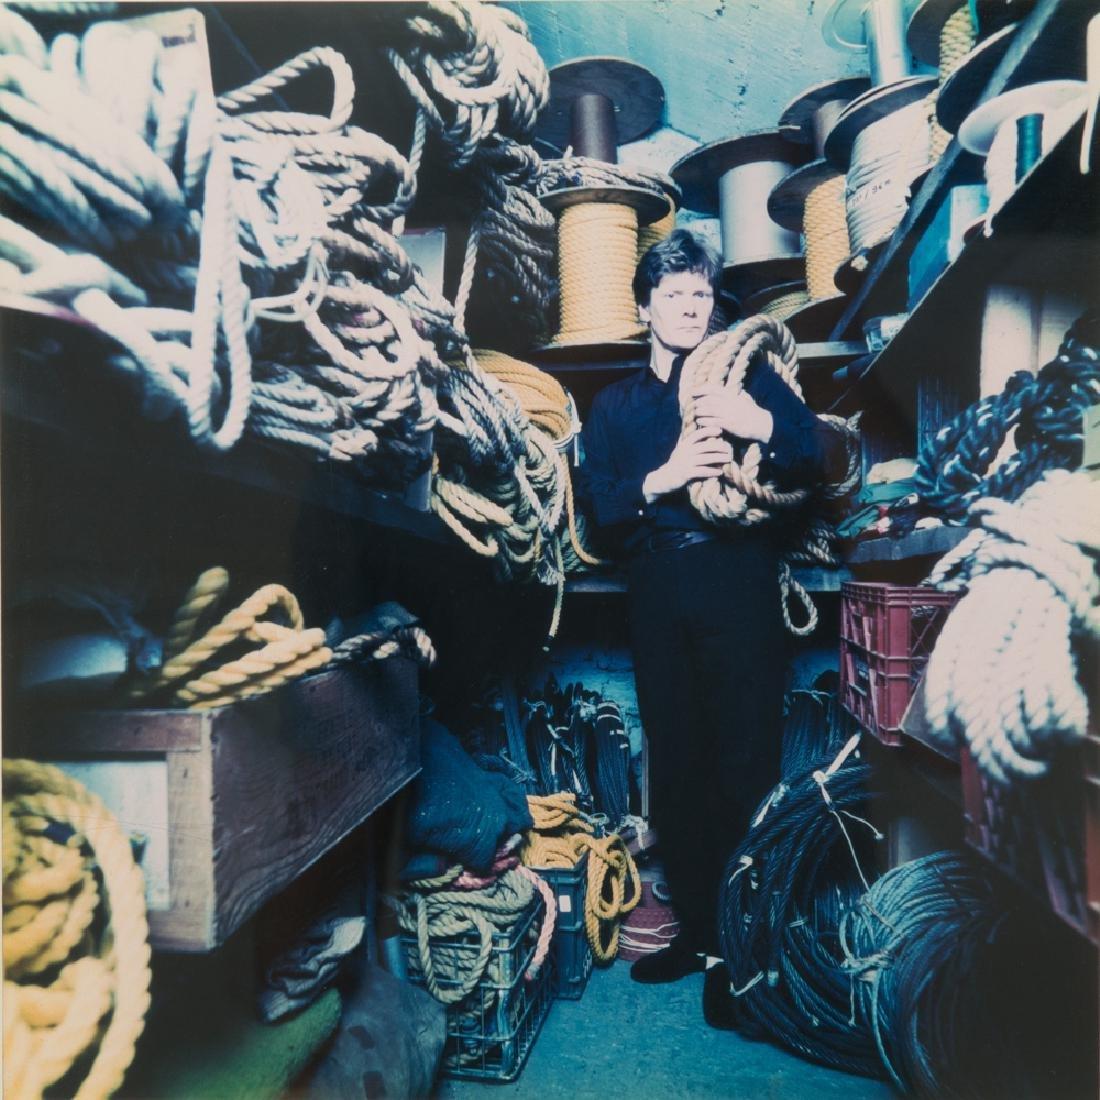 Abe Frajndlich (b. 1946) Philip Petit, NYC, 7/27/92,